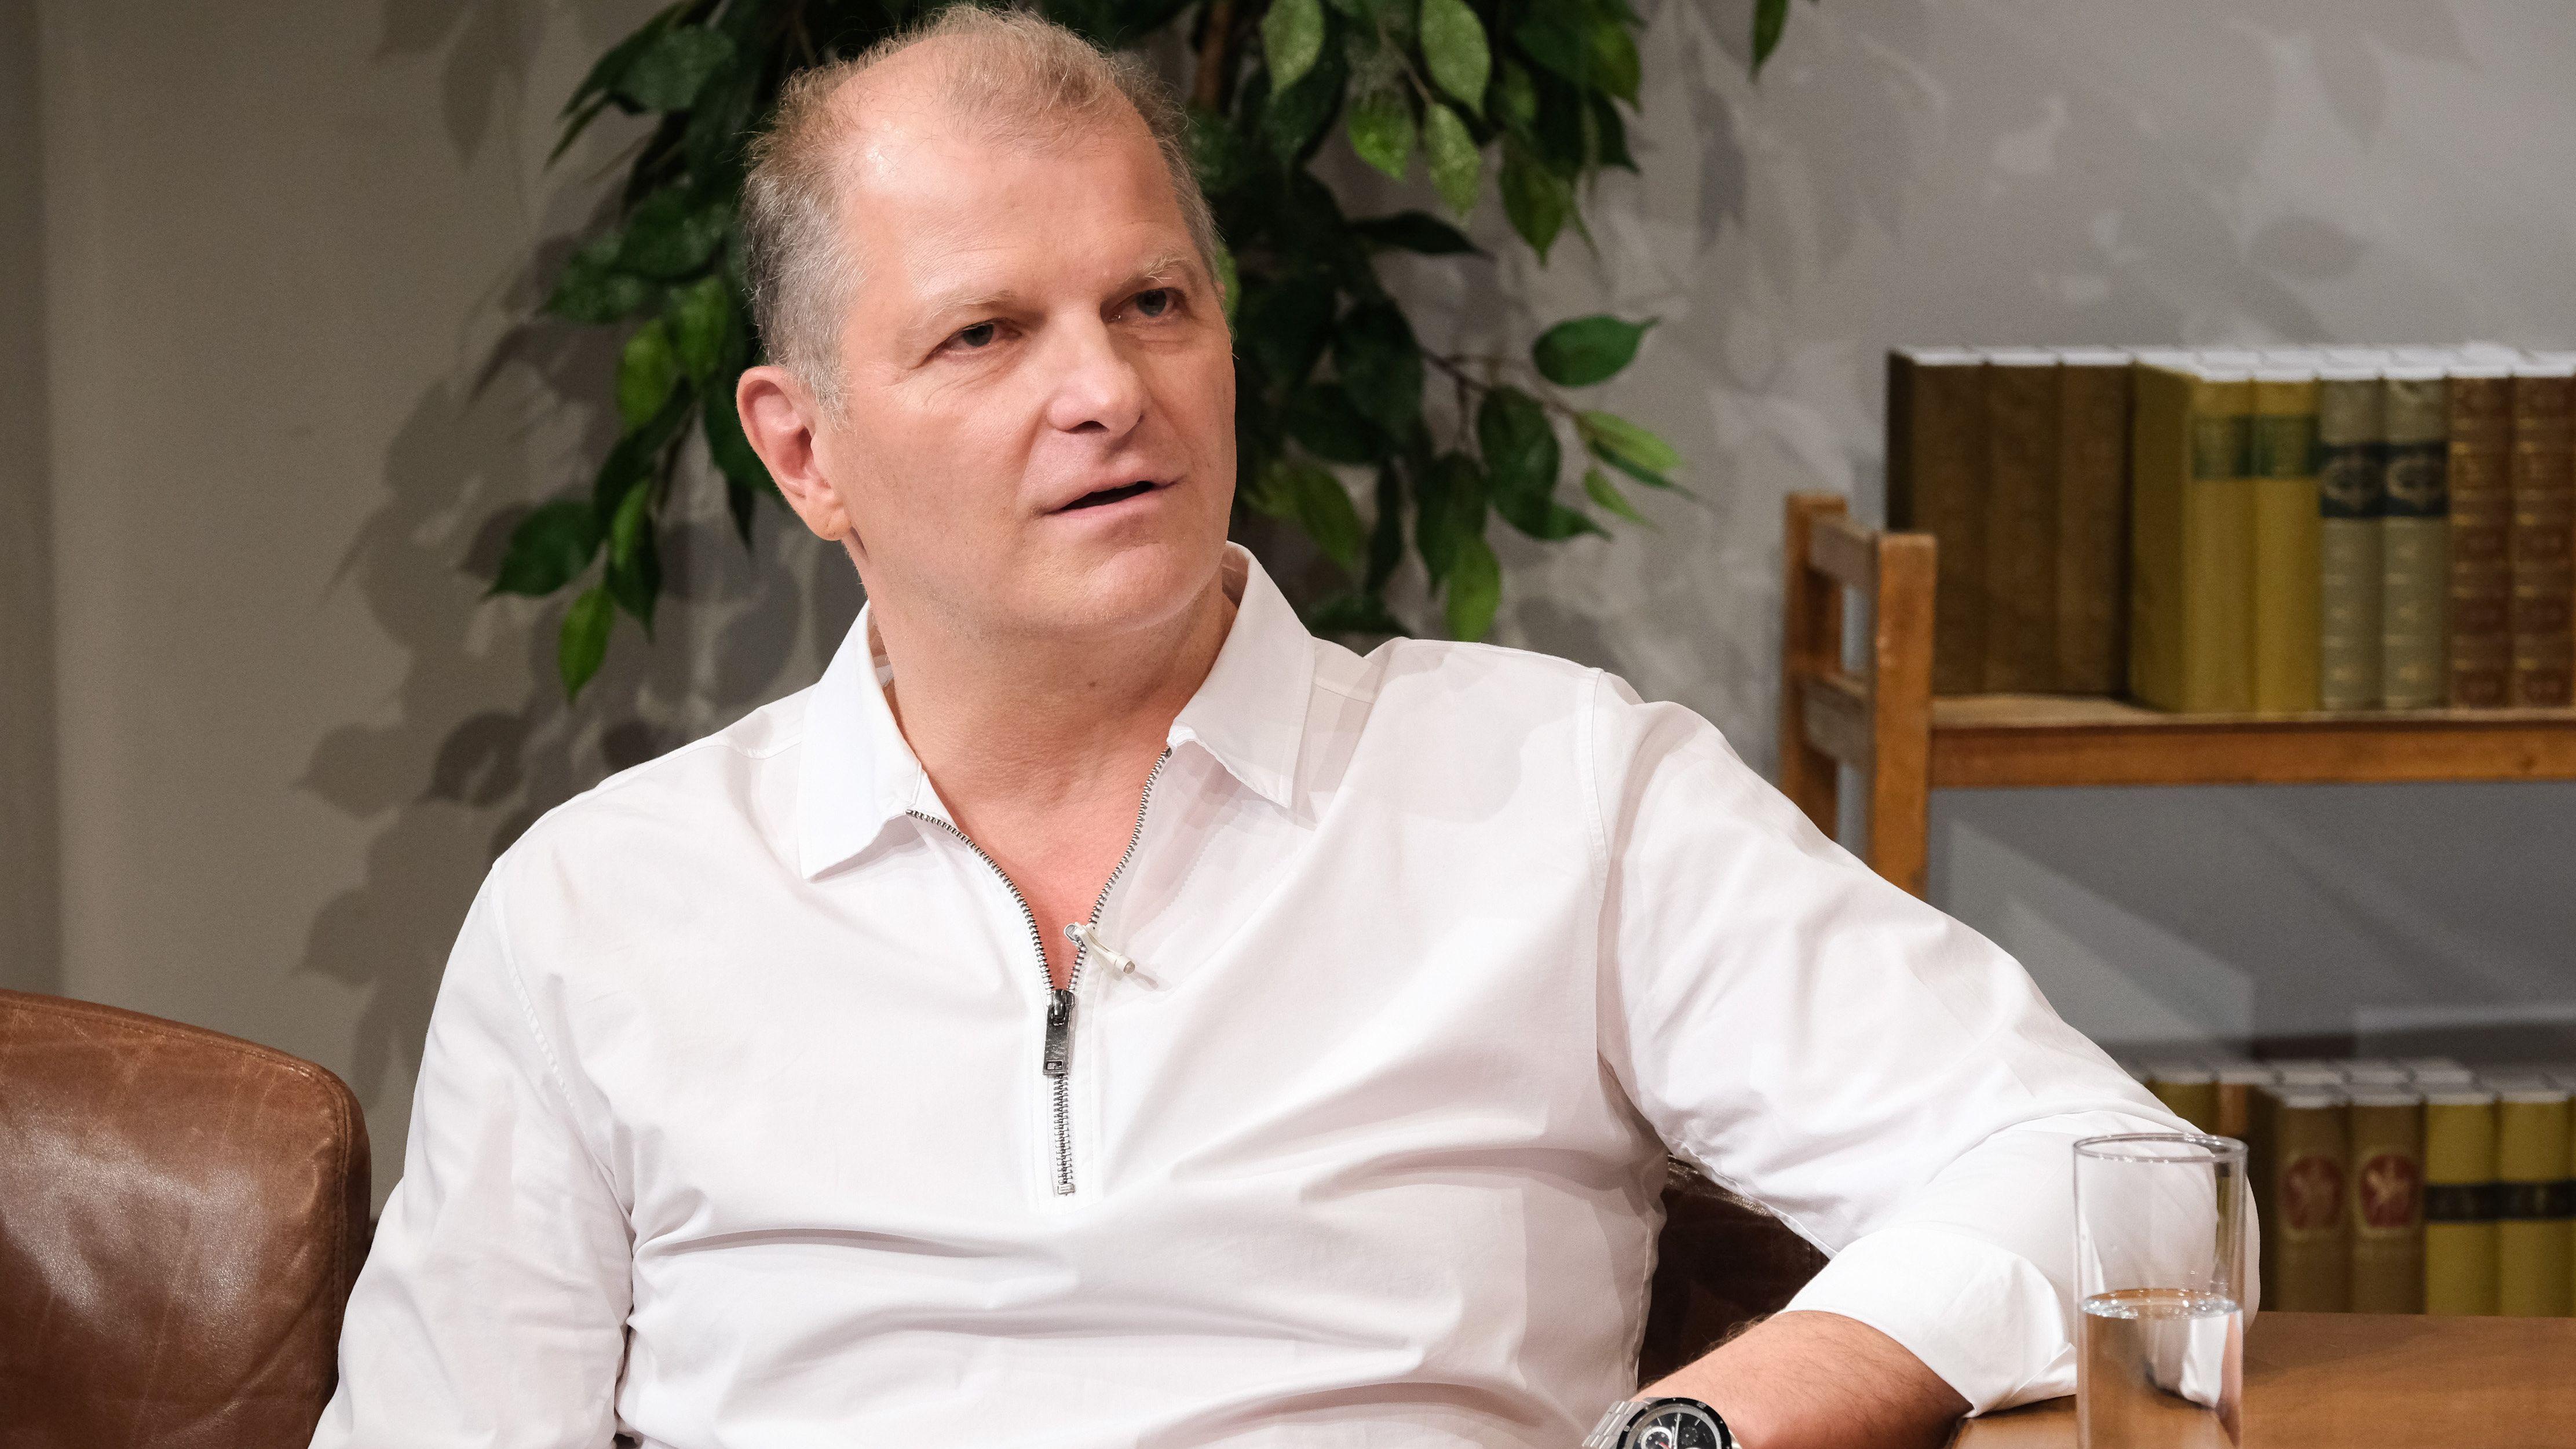 Martin Kušej seit 2011 am Residenztheater München, geht jetzt nach Wien